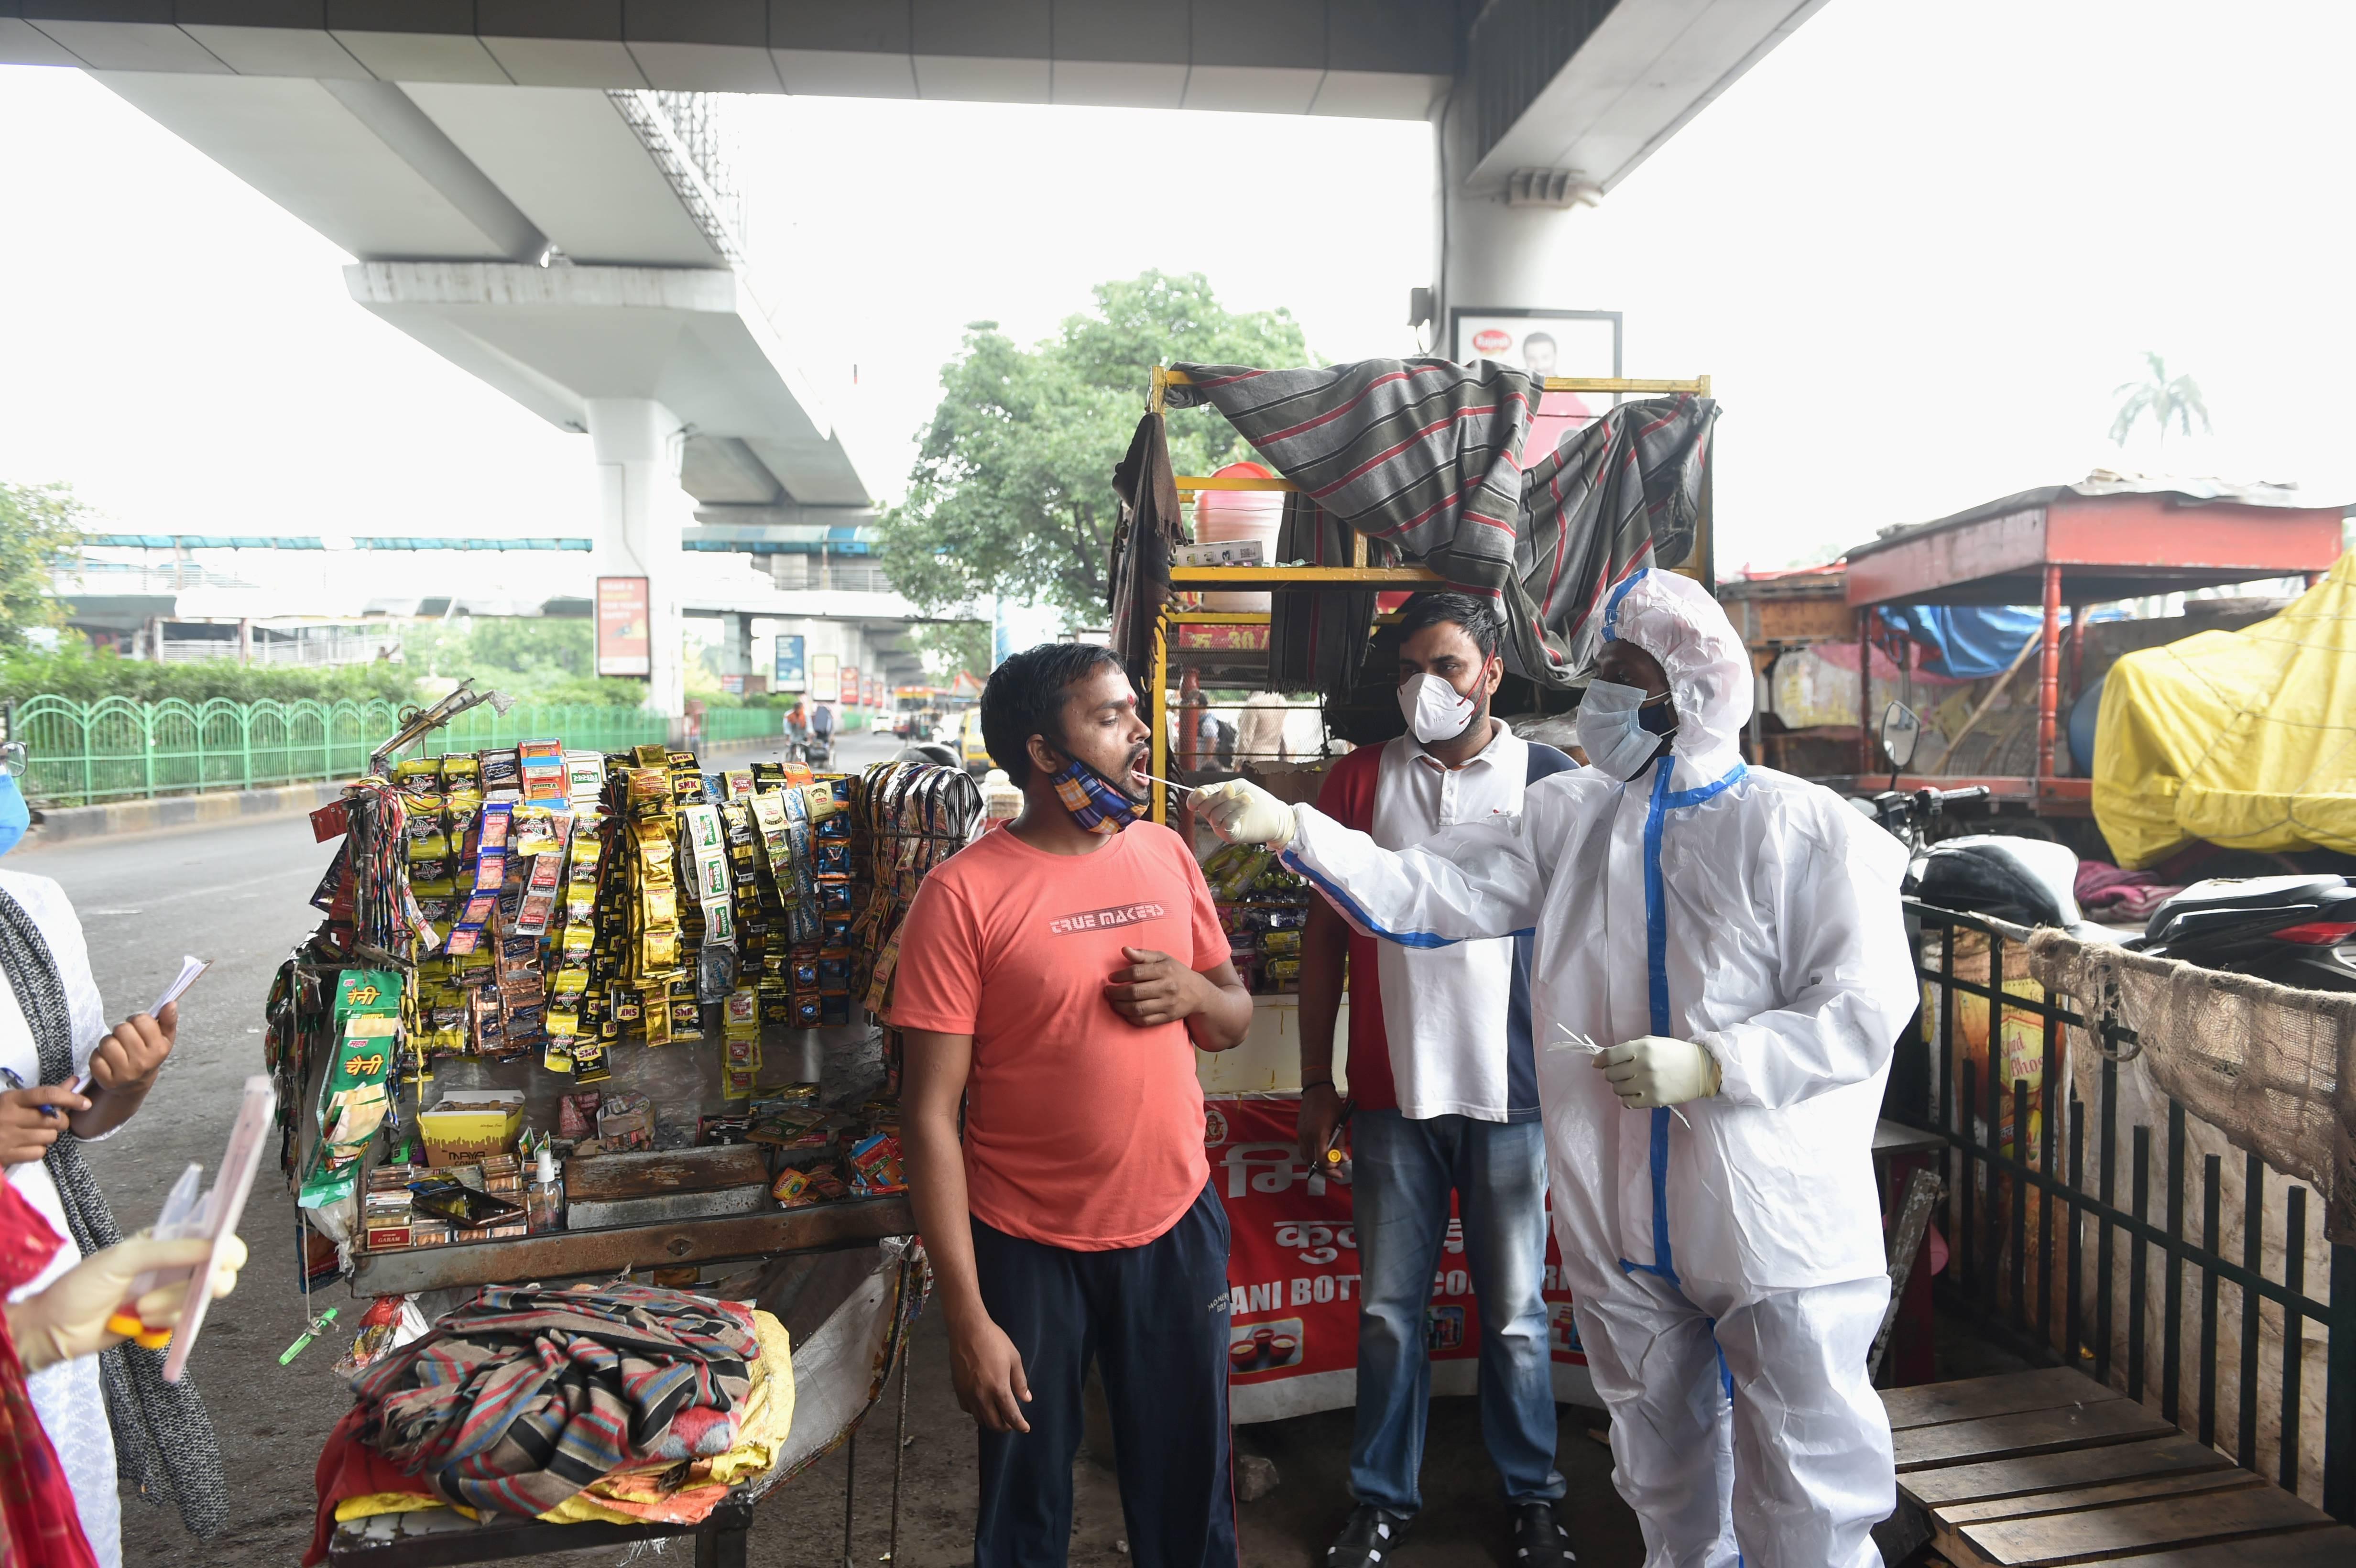 মঙ্গলবার পশ্চিমবঙ্গে করোনা সংক্রমণ নামল ১০ হাজারের নীচে। মঙ্গলবার রাজ্যে করোনা আক্রান্ত হয়েছেন ৯,৪২৪ জন। সঙ্গে রেকর্ড সংখ্যায় কমল অ্যাক্টিভ কেসও। এদিন রাজ্যে করোনা আক্রান্ত অবস্থায় মৃত্যু হয়েছে ১৩৭ জনের। ফাইল ছবি : পিটিআই (PTI)